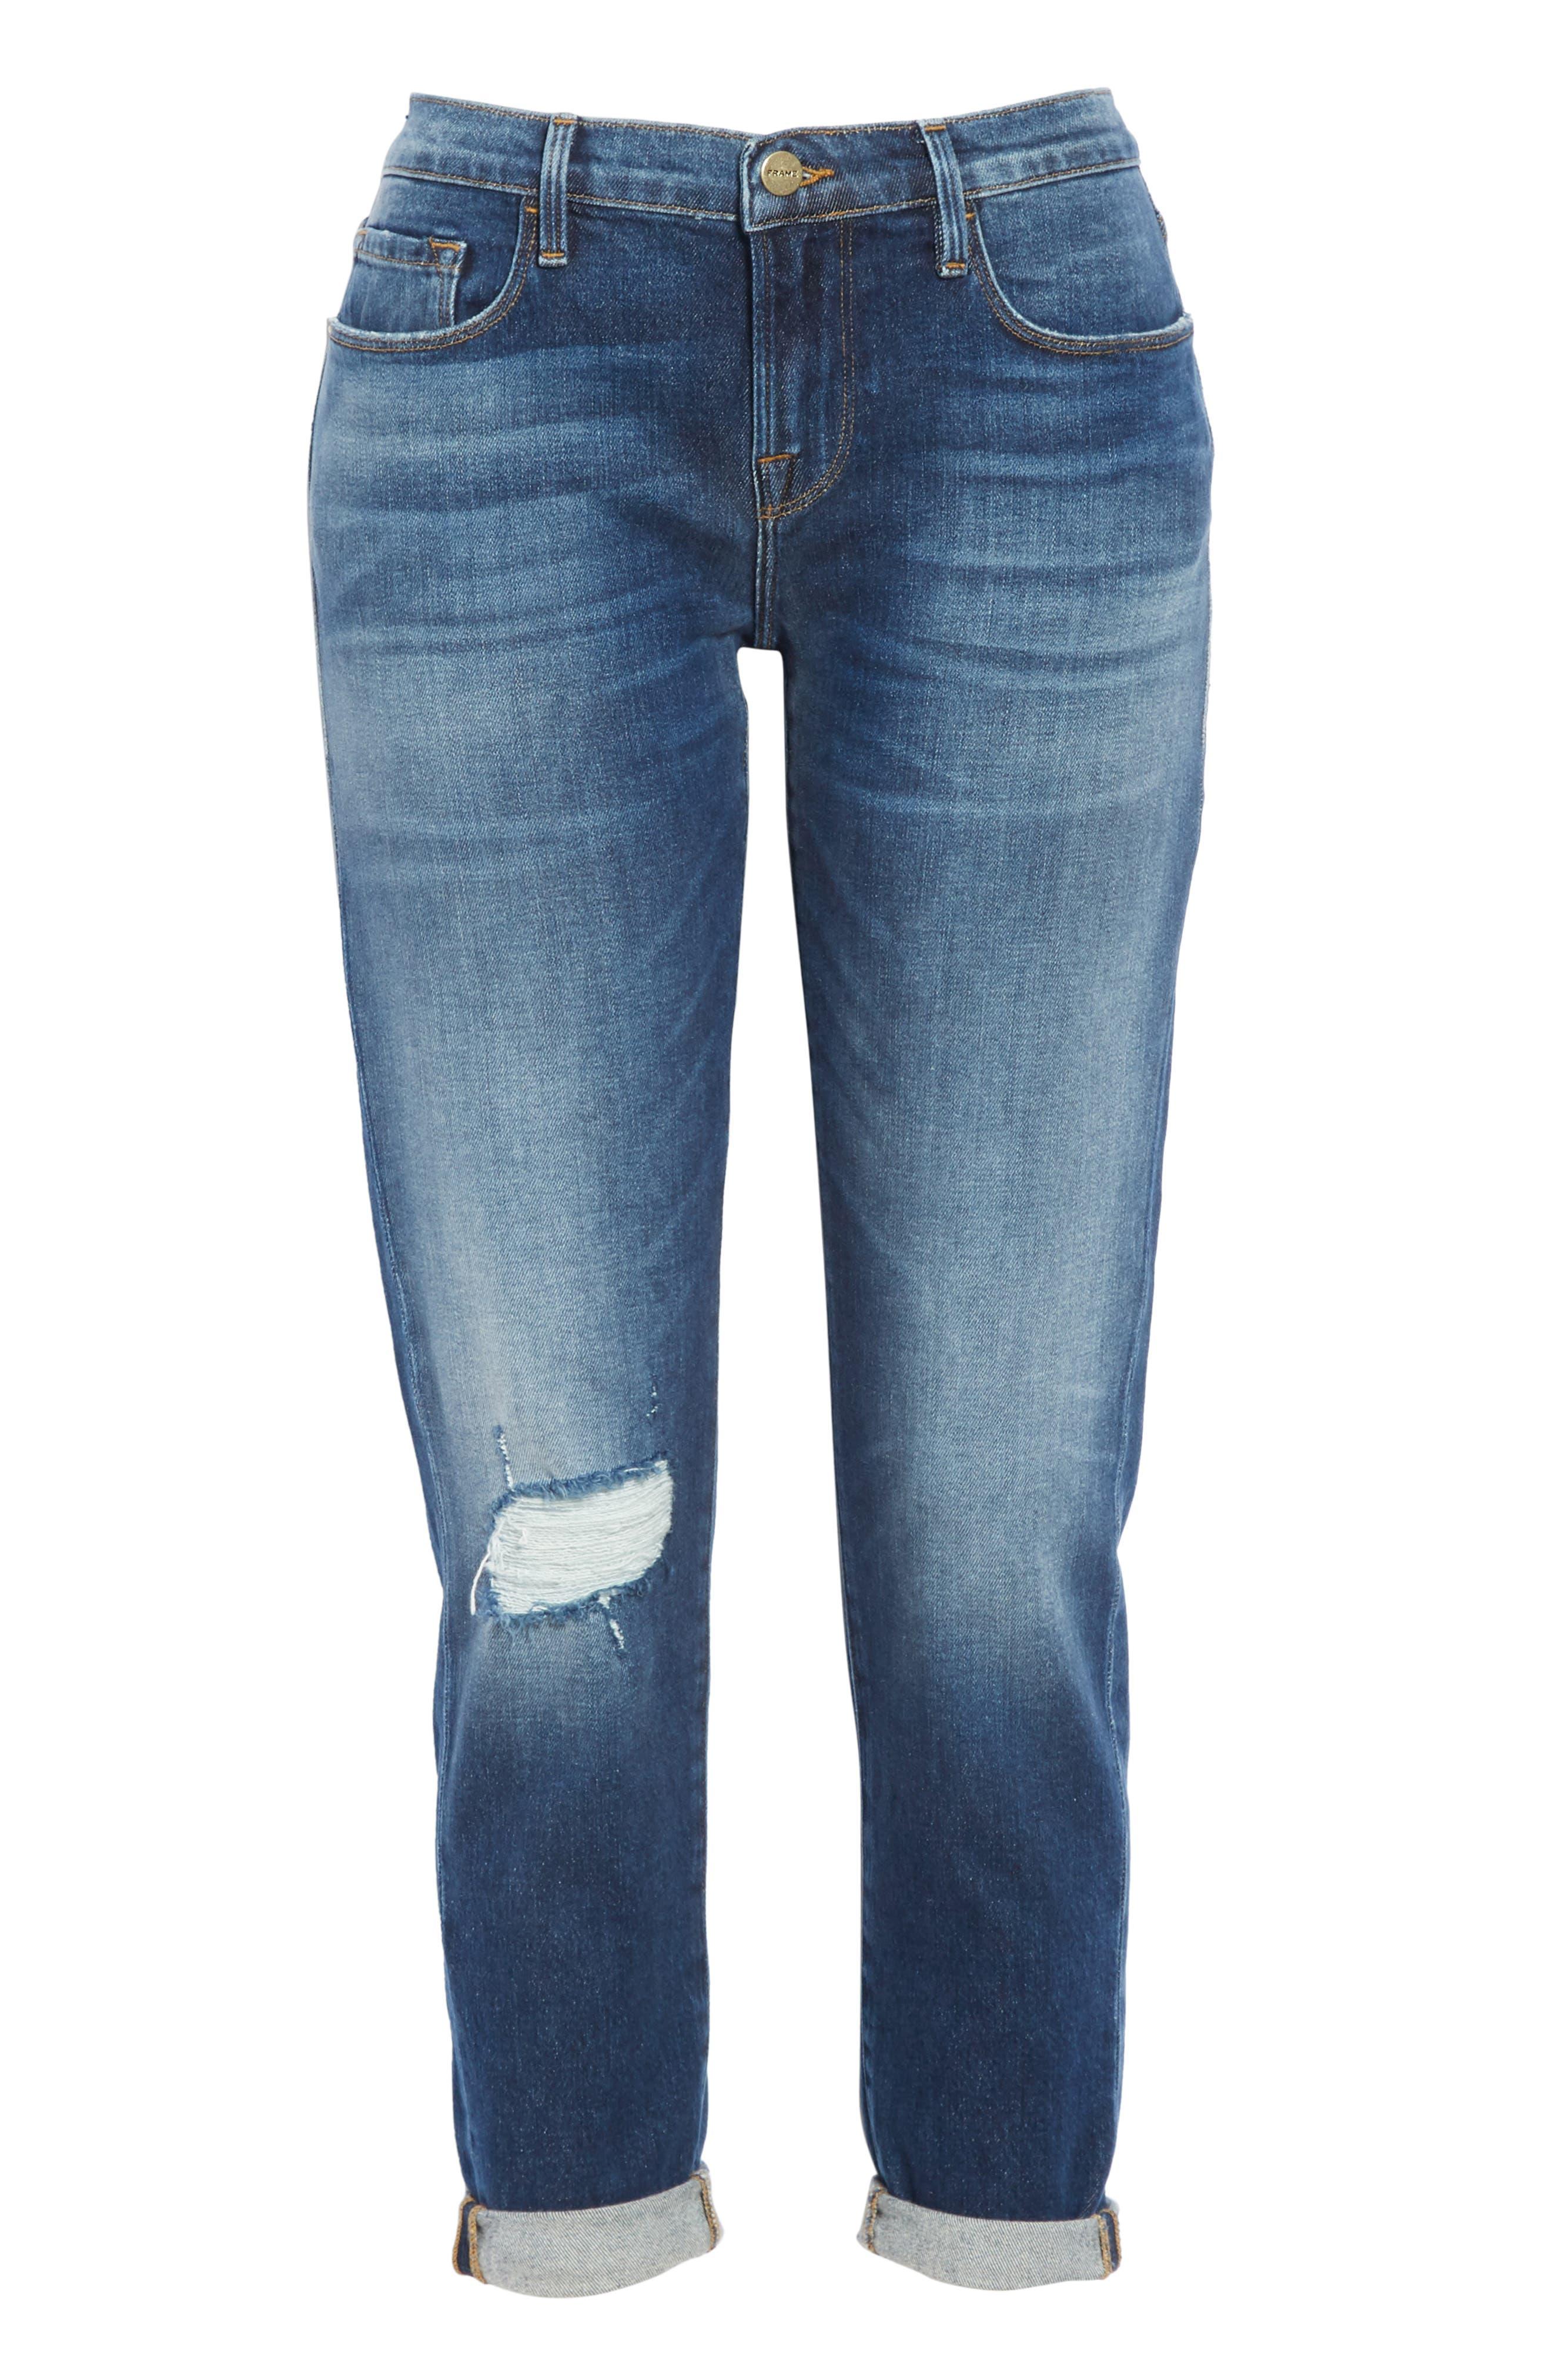 Le Garcon High Waist Ankle Slim Boyfriend Jeans,                             Alternate thumbnail 7, color,                             420